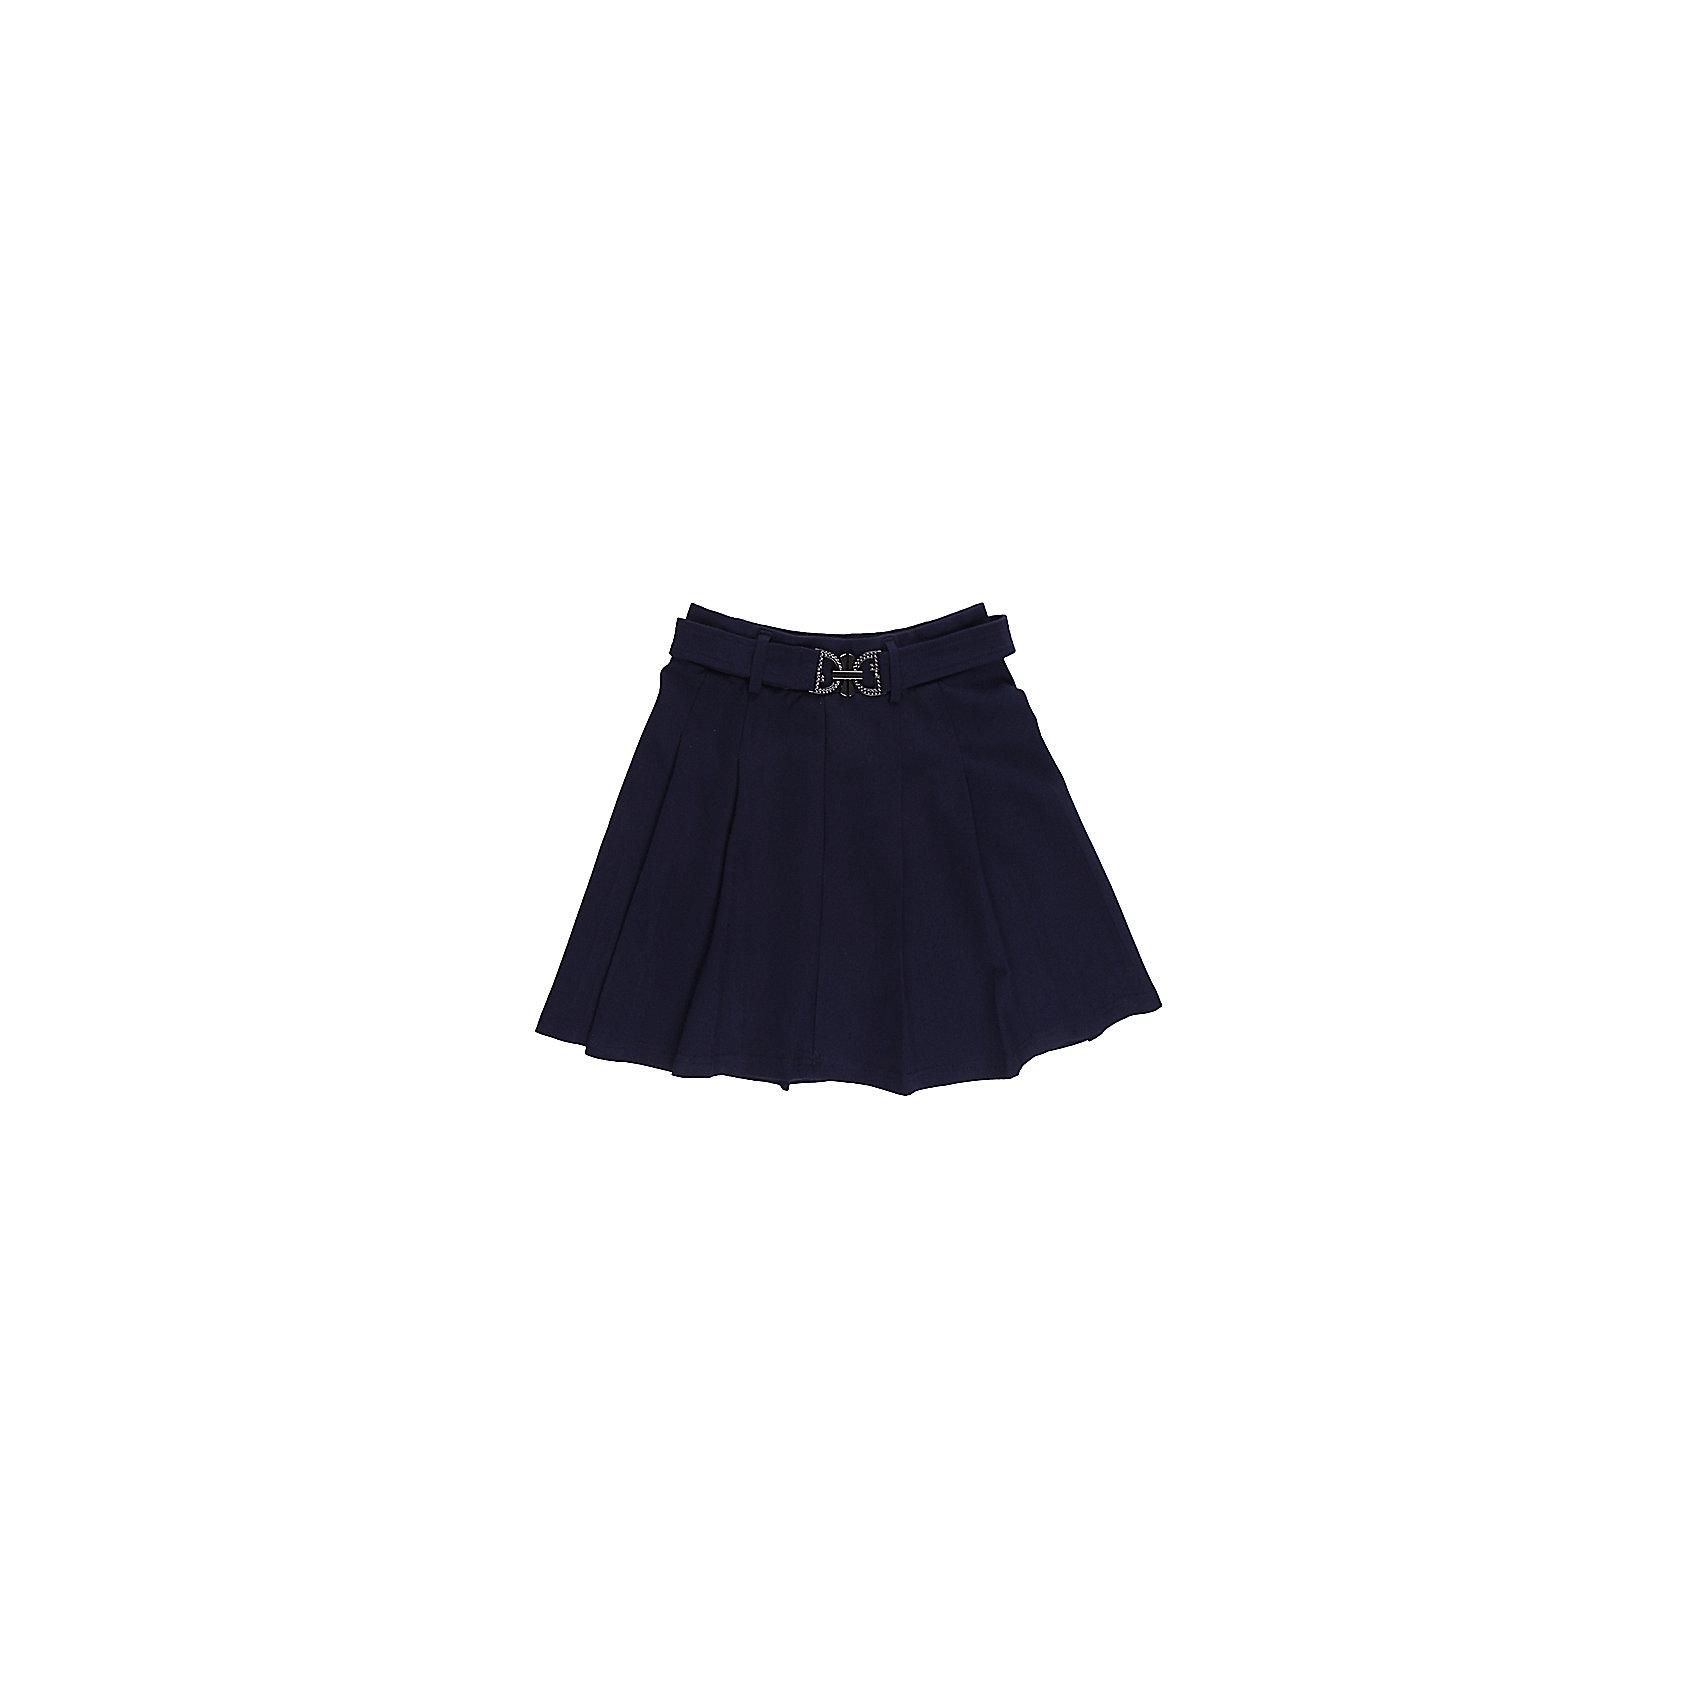 Юбка для девочки LuminosoЮбка для девочки от известного бренда Luminoso<br>Трикотажная юбка со складками и  поясом с декоративной бляшкой. В юбке предусмотрена внутренняя резинка на поясе, что делает модель удобной и комфортн<br>Состав:<br>65% хлопок, 30% полиэстер,  5% эластан<br><br>Ширина мм: 207<br>Глубина мм: 10<br>Высота мм: 189<br>Вес г: 183<br>Цвет: синий<br>Возраст от месяцев: 132<br>Возраст до месяцев: 144<br>Пол: Женский<br>Возраст: Детский<br>Размер: 152,134,128,164,158,146,140<br>SKU: 4728957